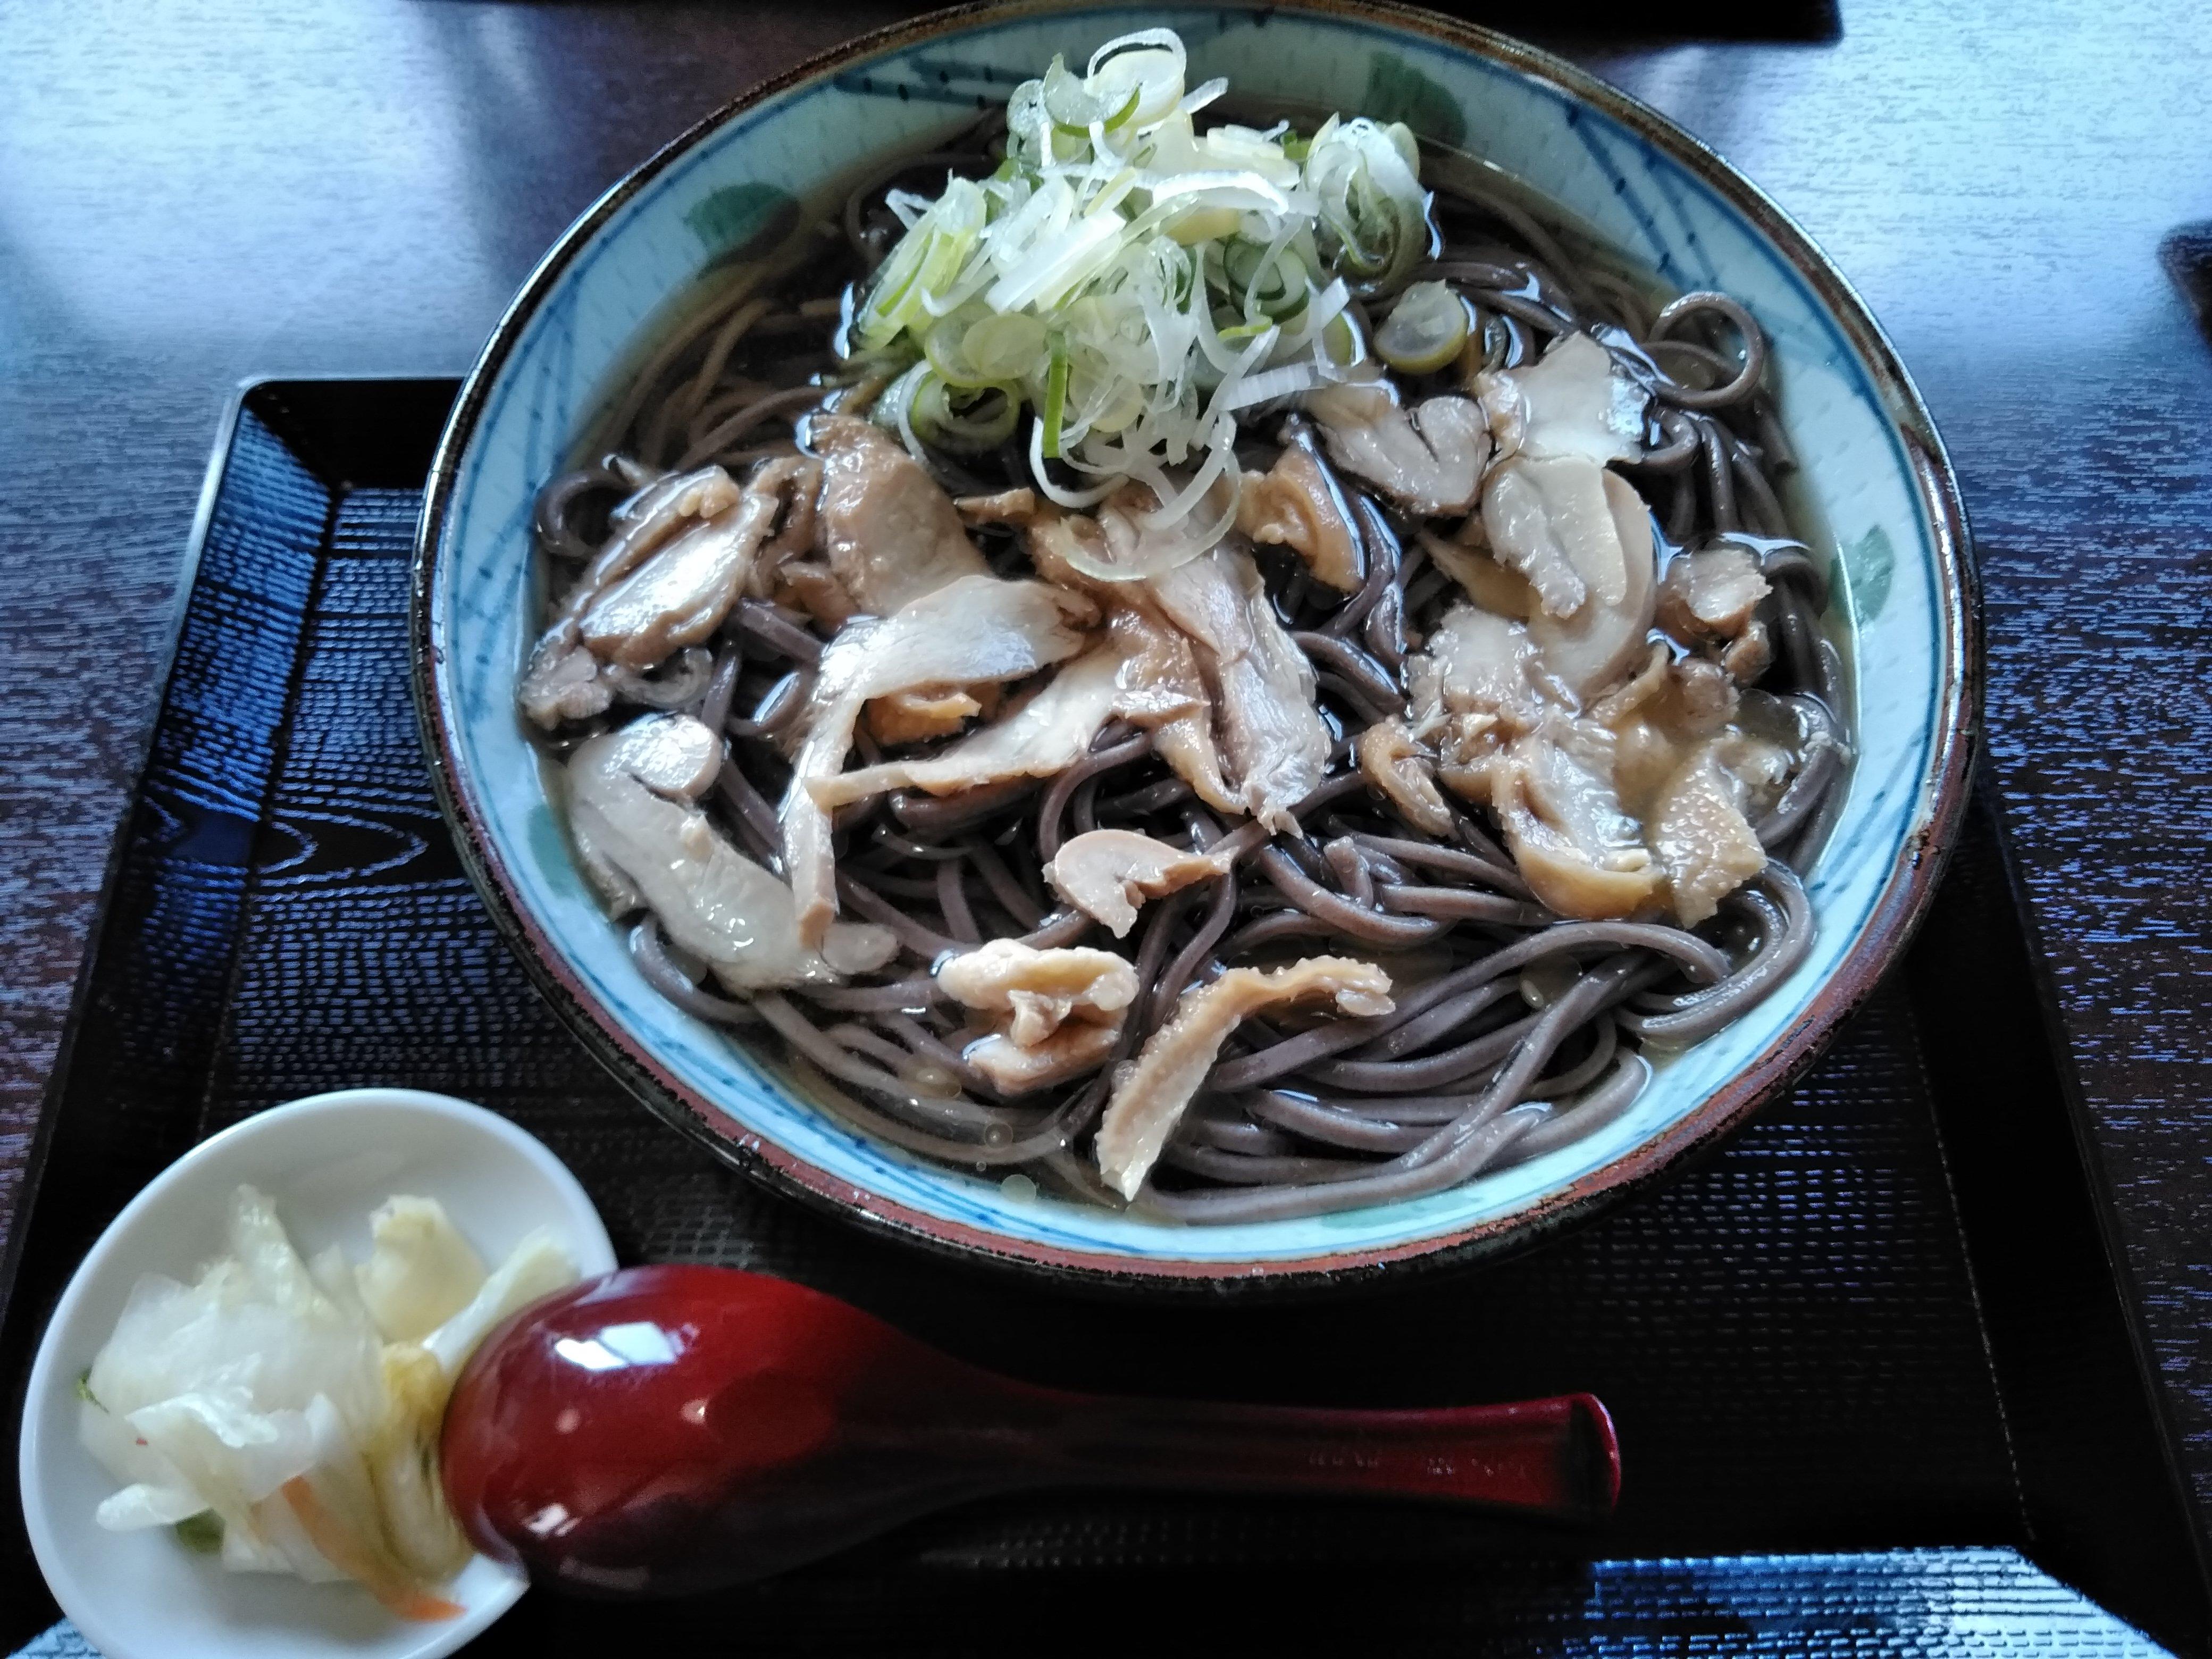 絶品の肉そば!東根市の人気店「肉そば はくよう」に行ってみた!